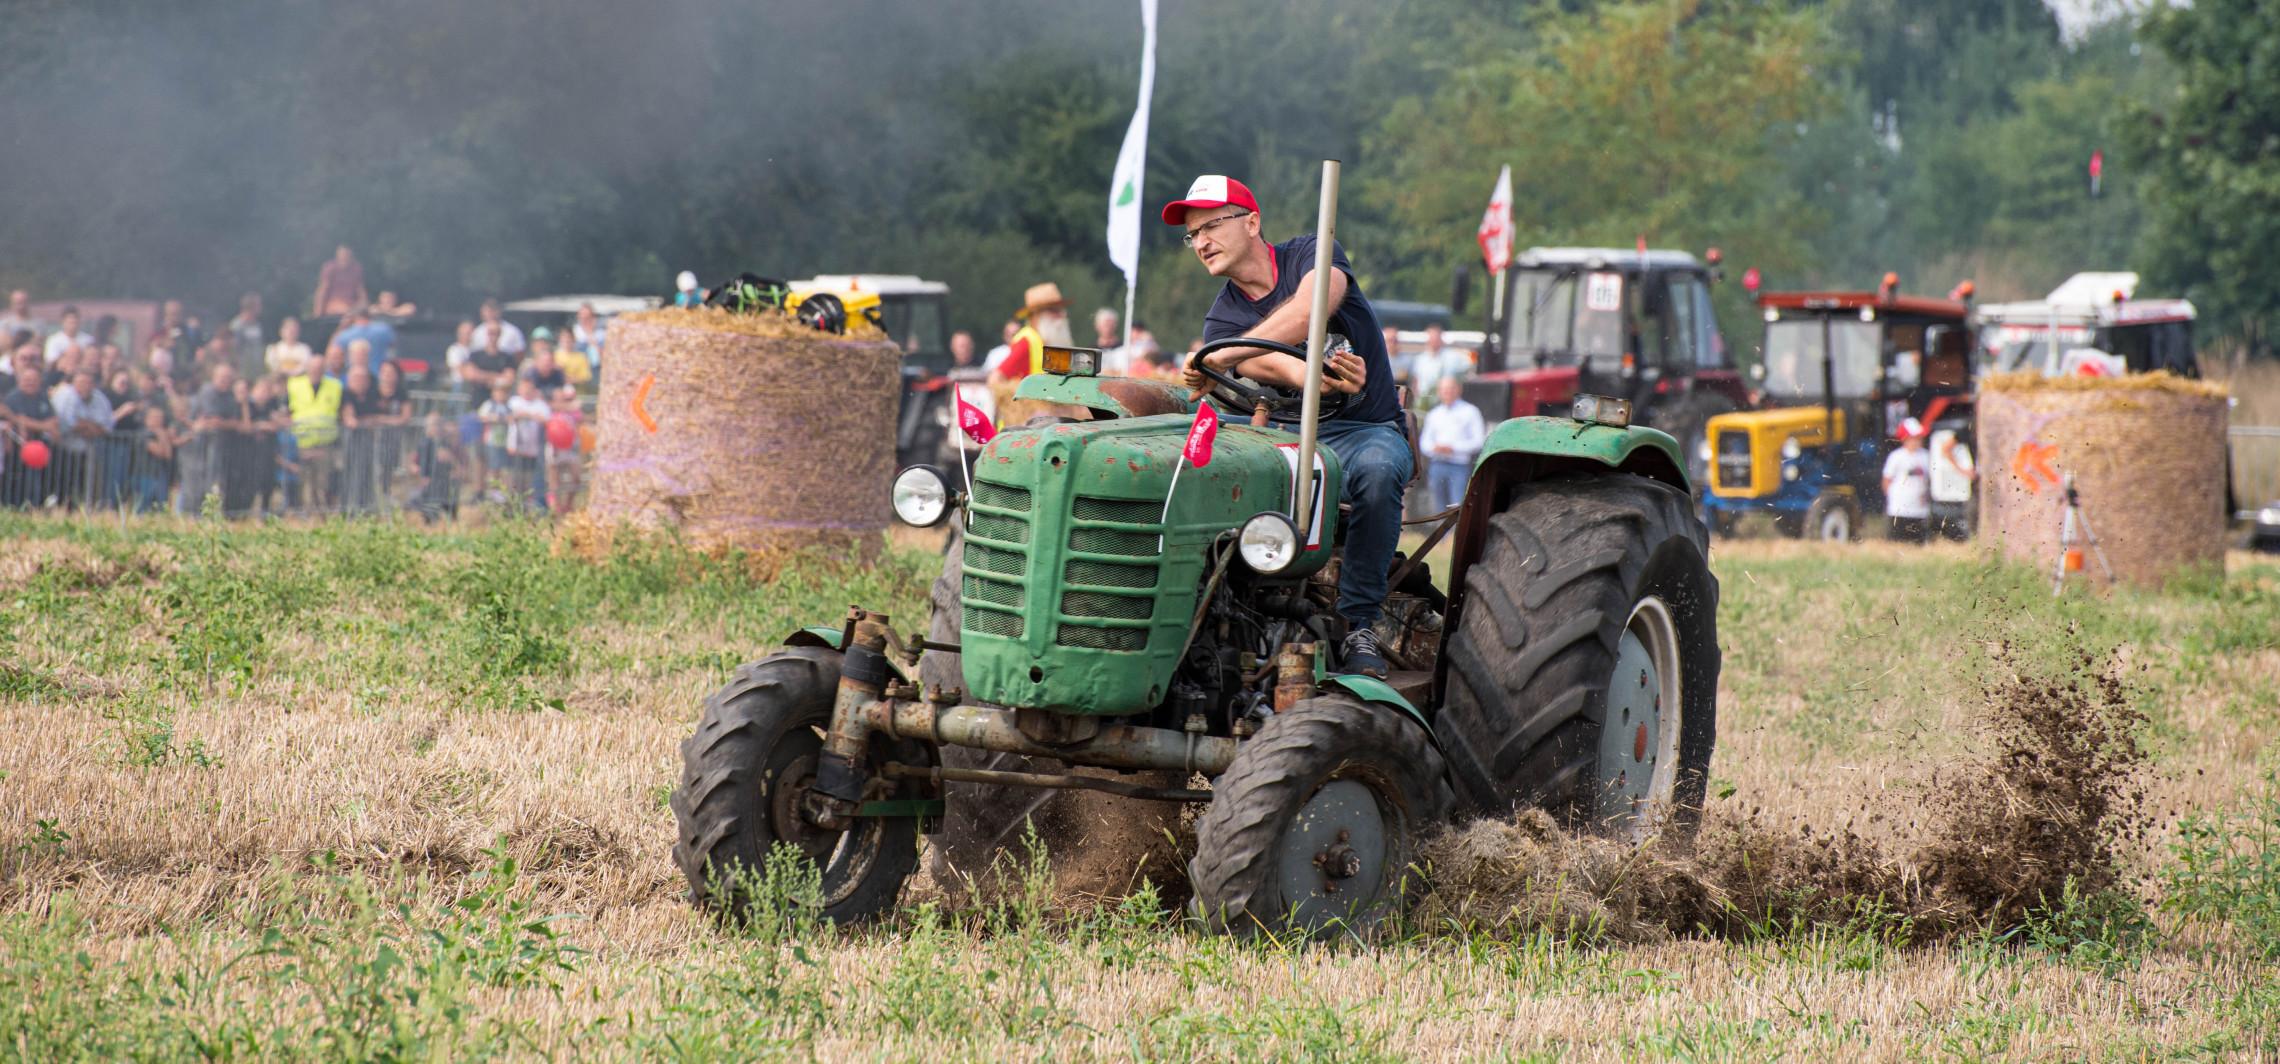 W Wielowsi ścigali się traktorami